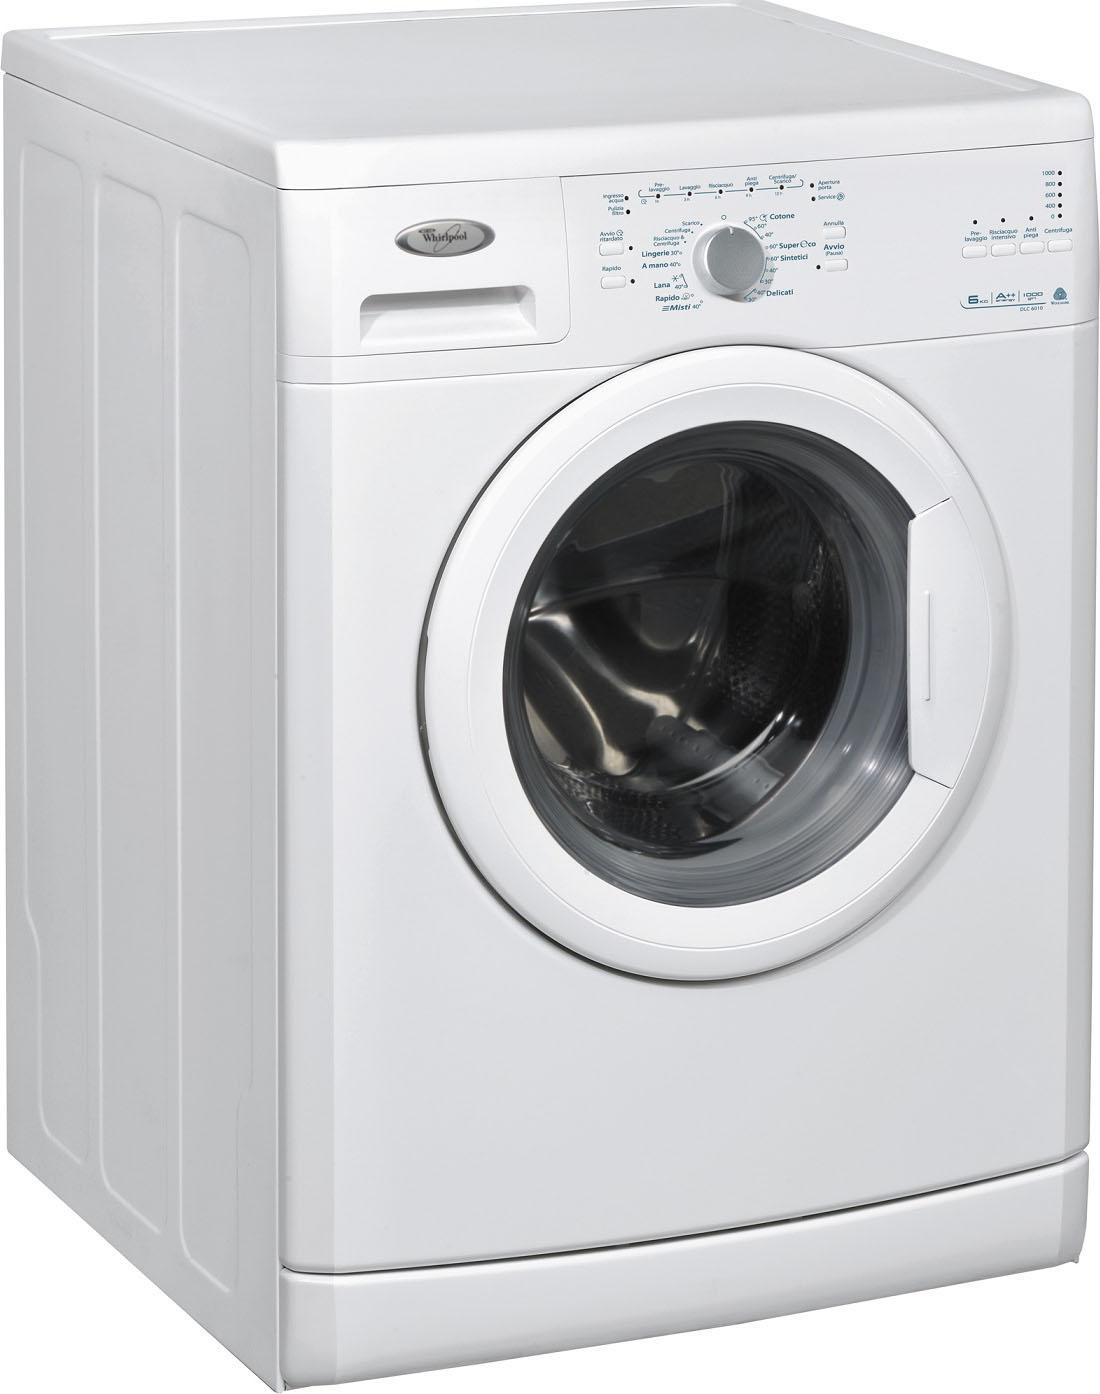 Lavatrici in offerta carica frontale prezzoforte - Profondita lavatrice ...